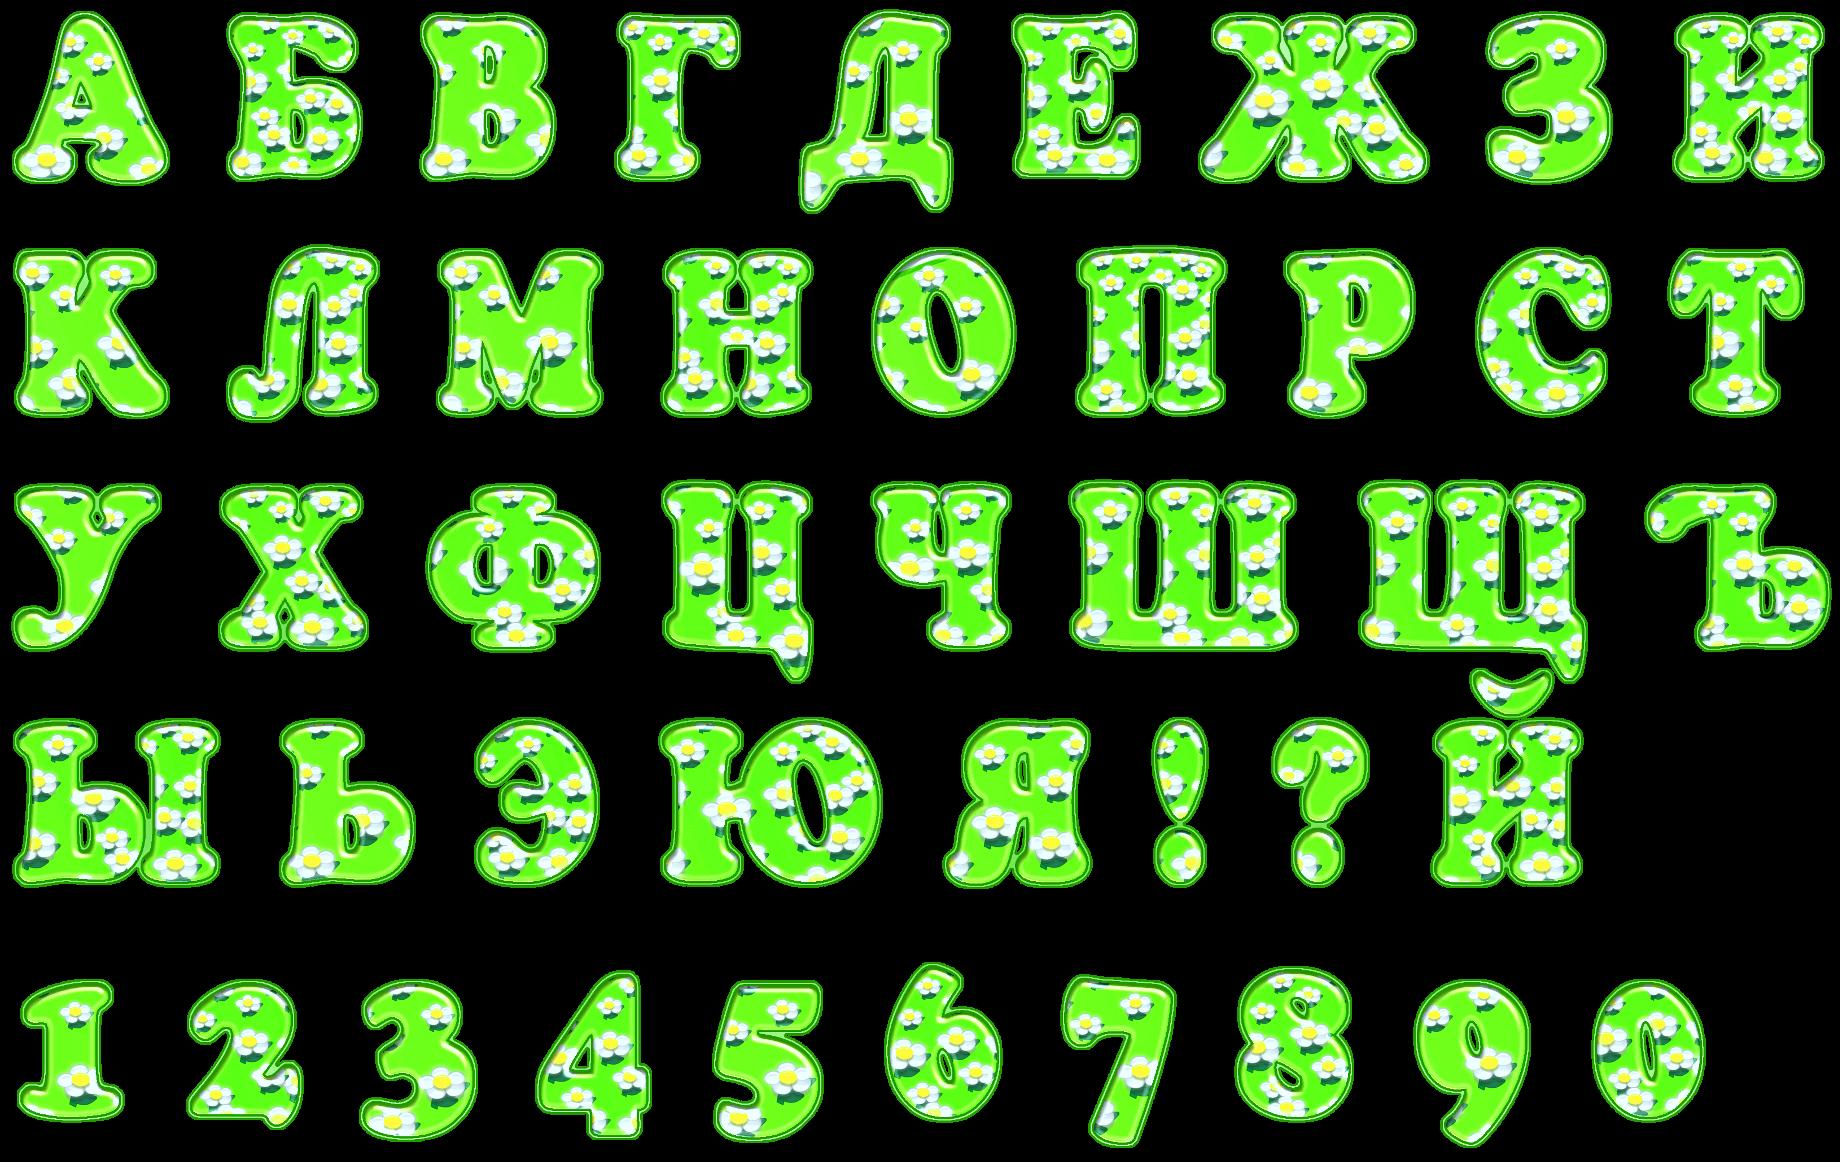 русский алфавит шаблон